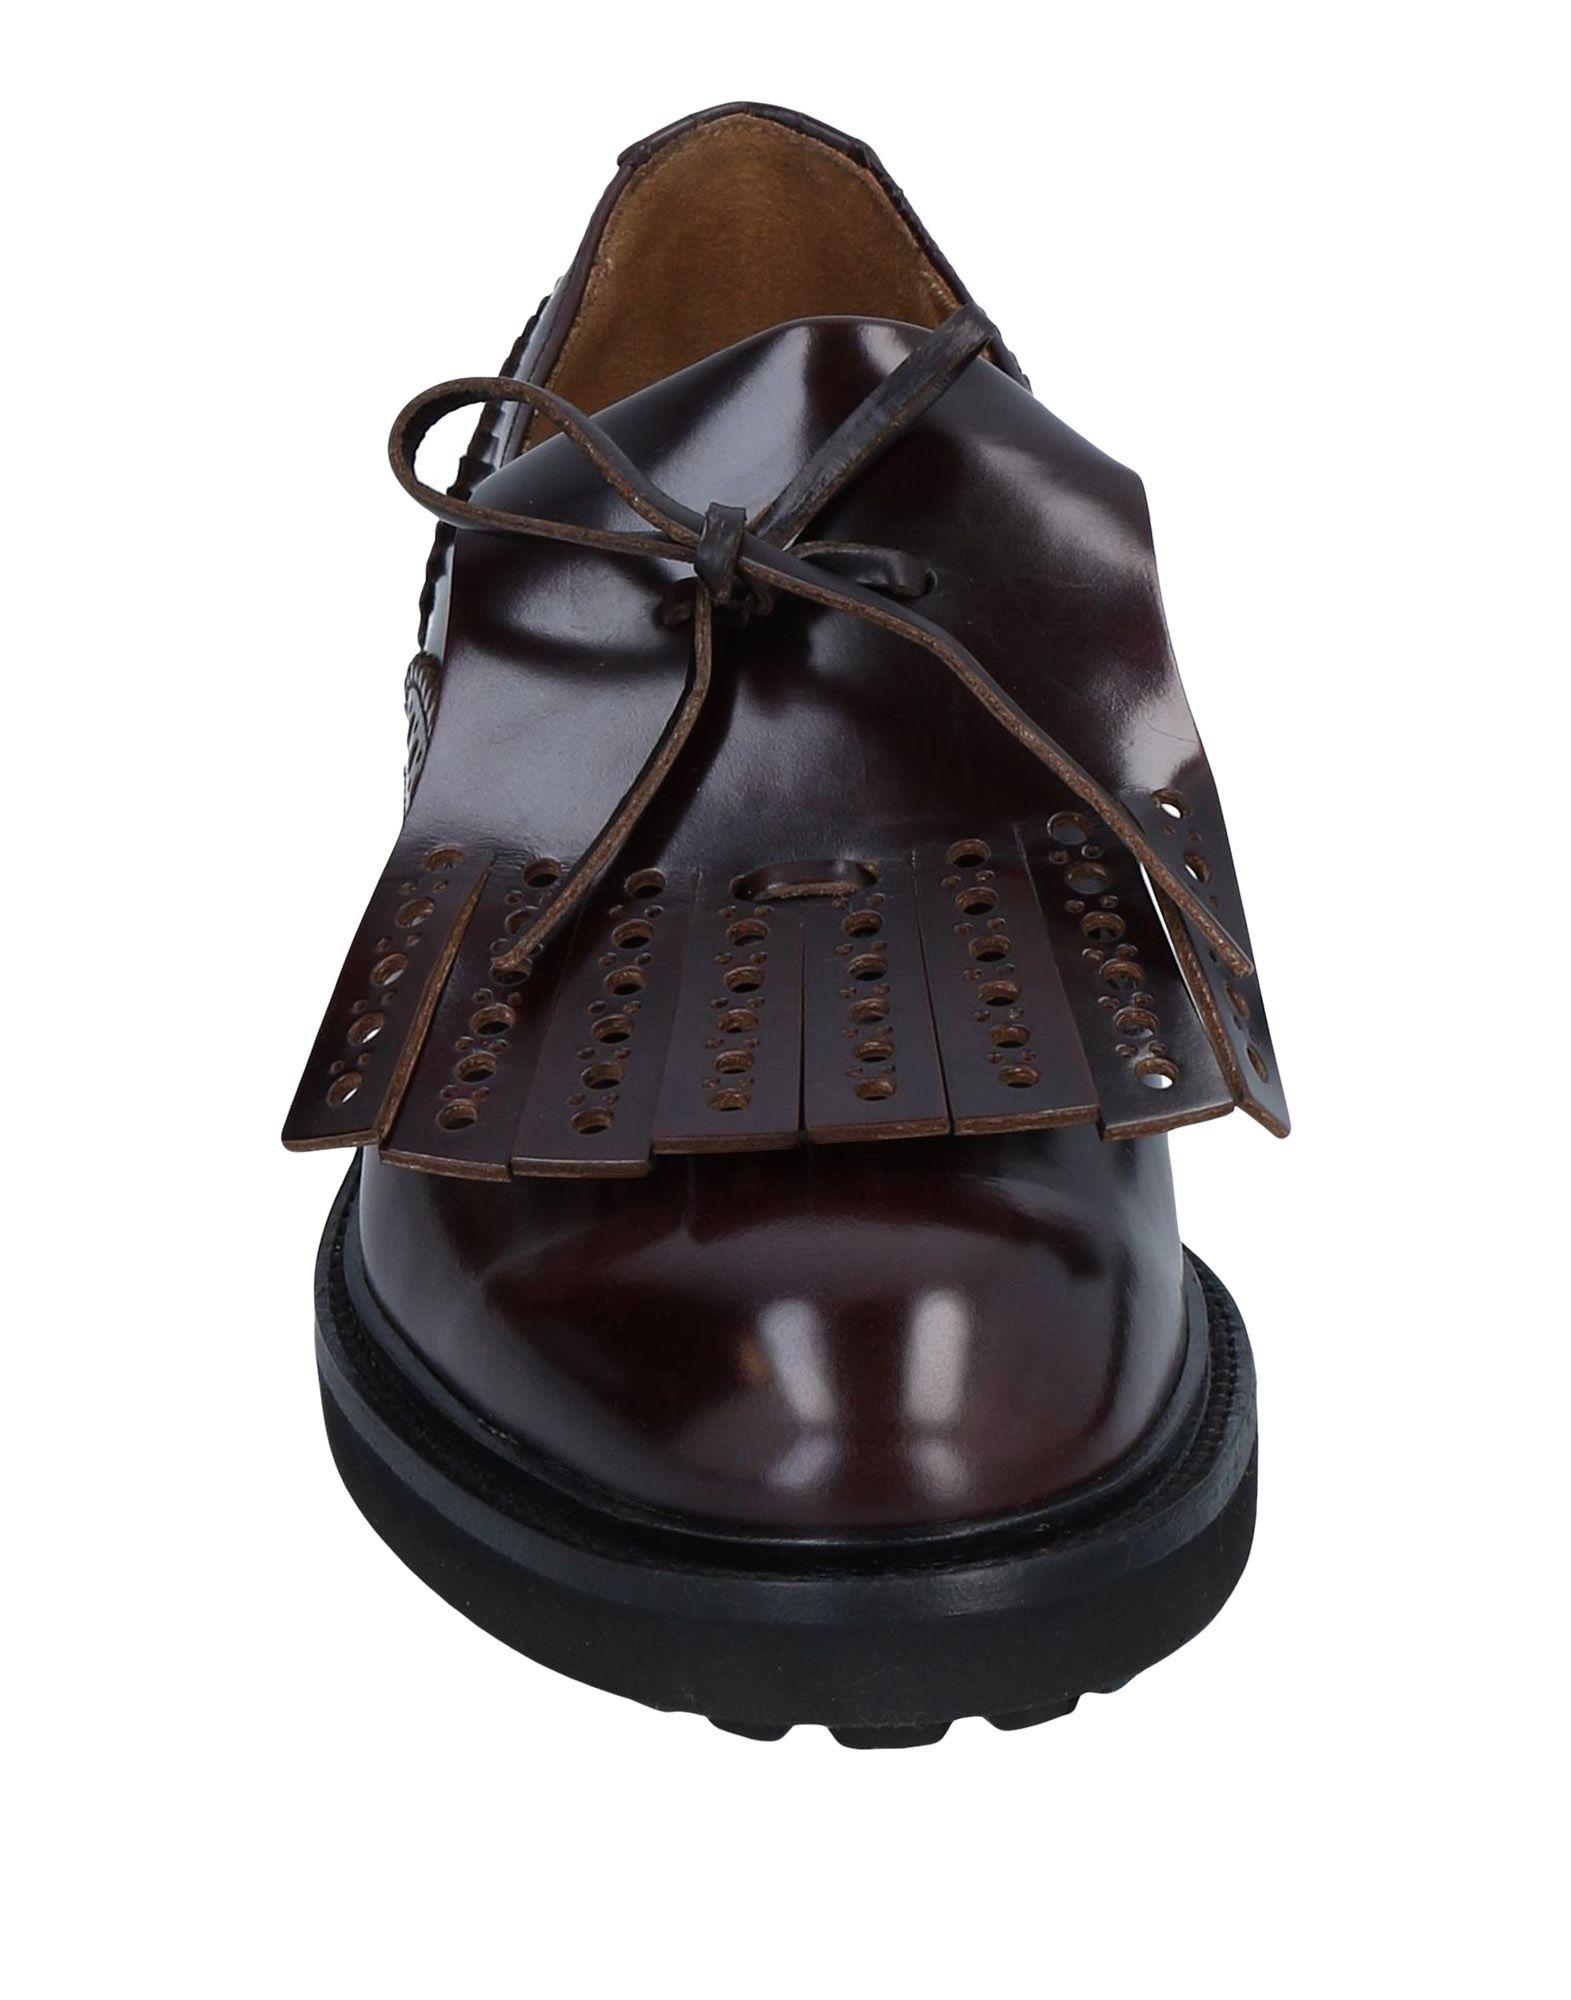 Rabatt Schuhe Doucal's Damen Mokassins Damen Doucal's  11506554XQ bfcb82